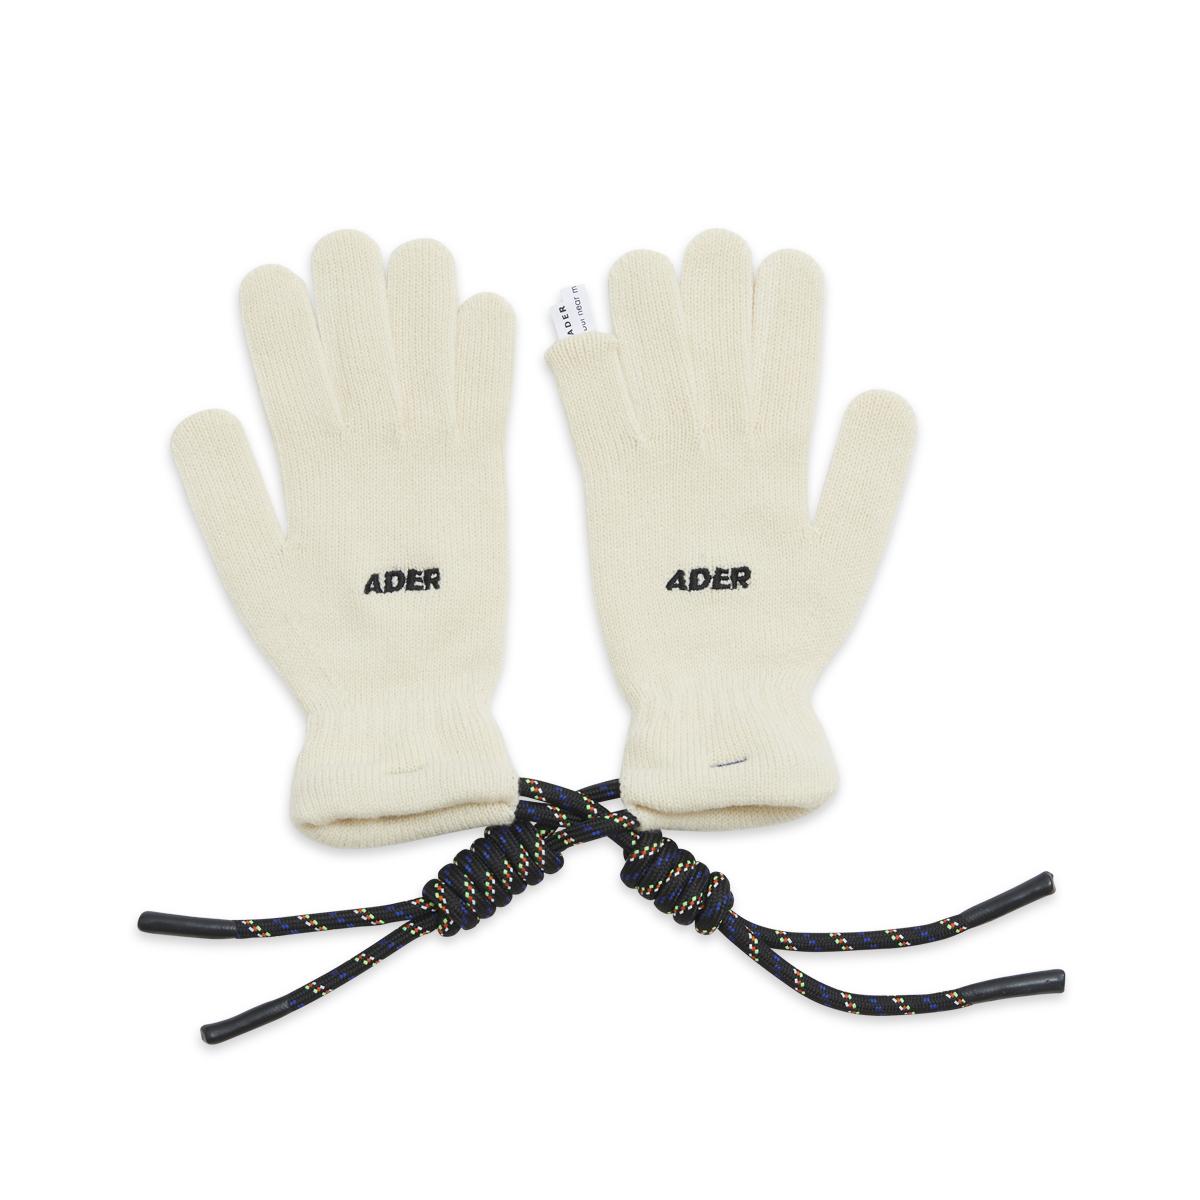 ADER Error Crumple Glove